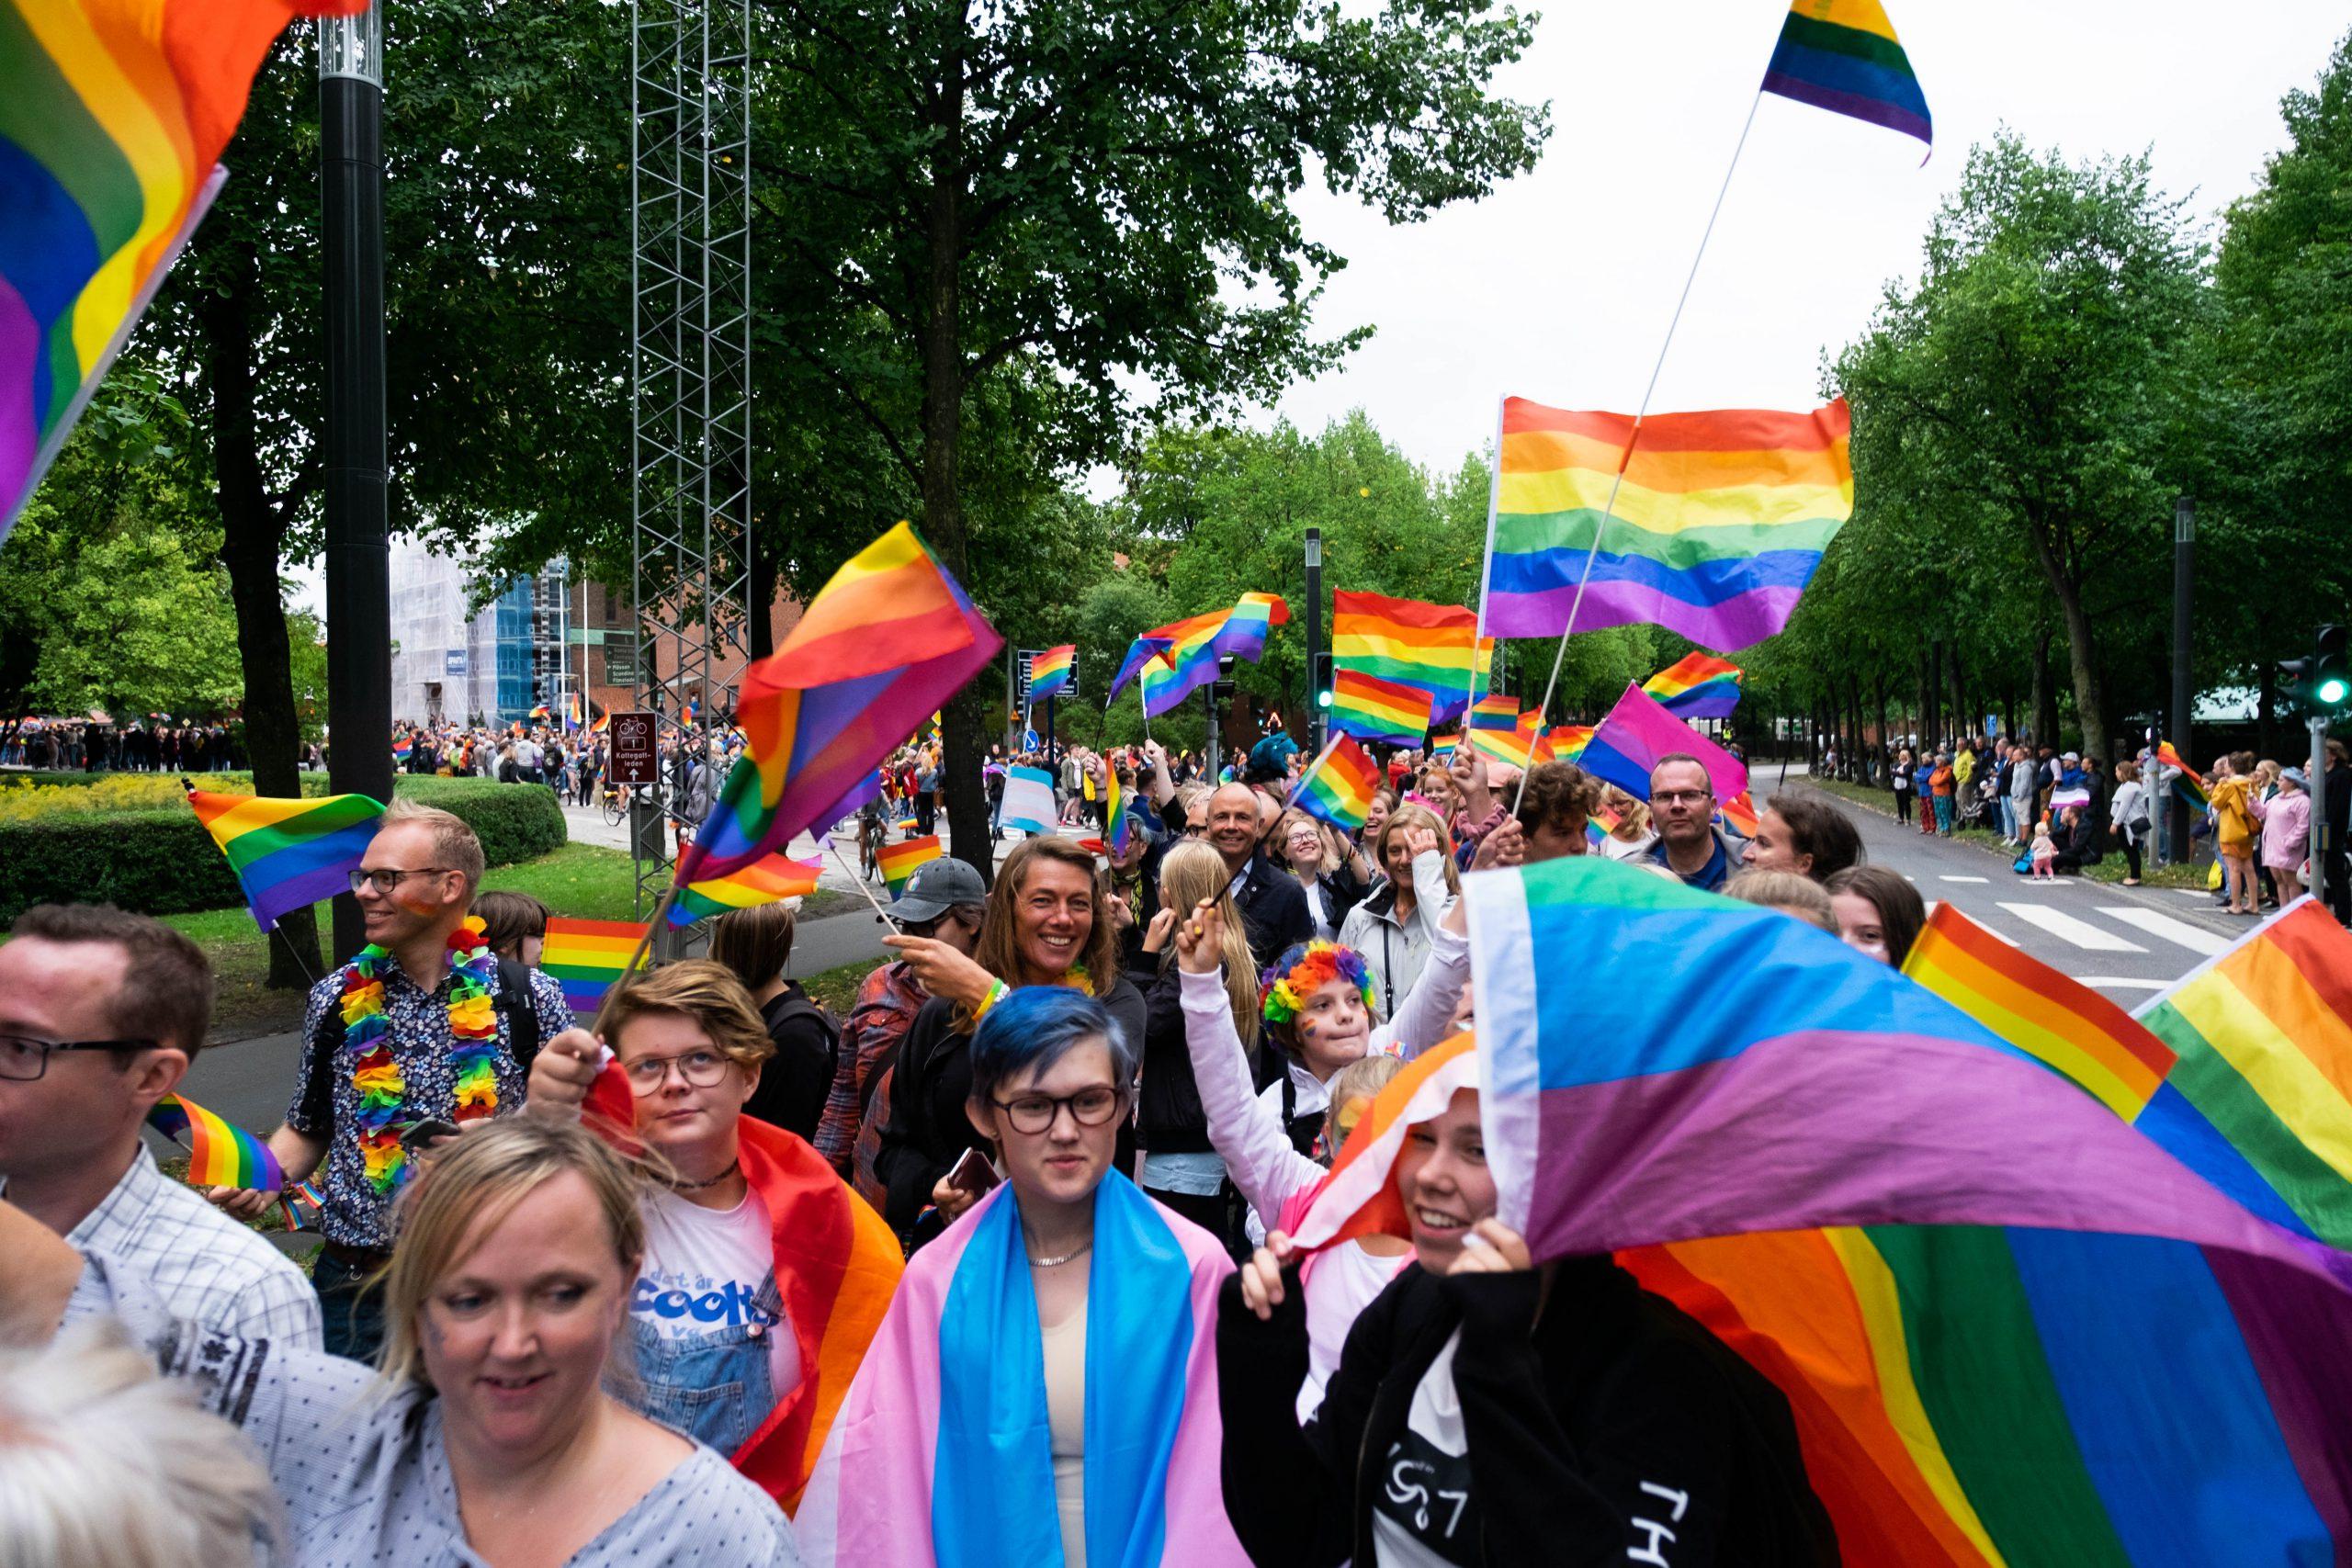 gladda persoenr går i en pride parad